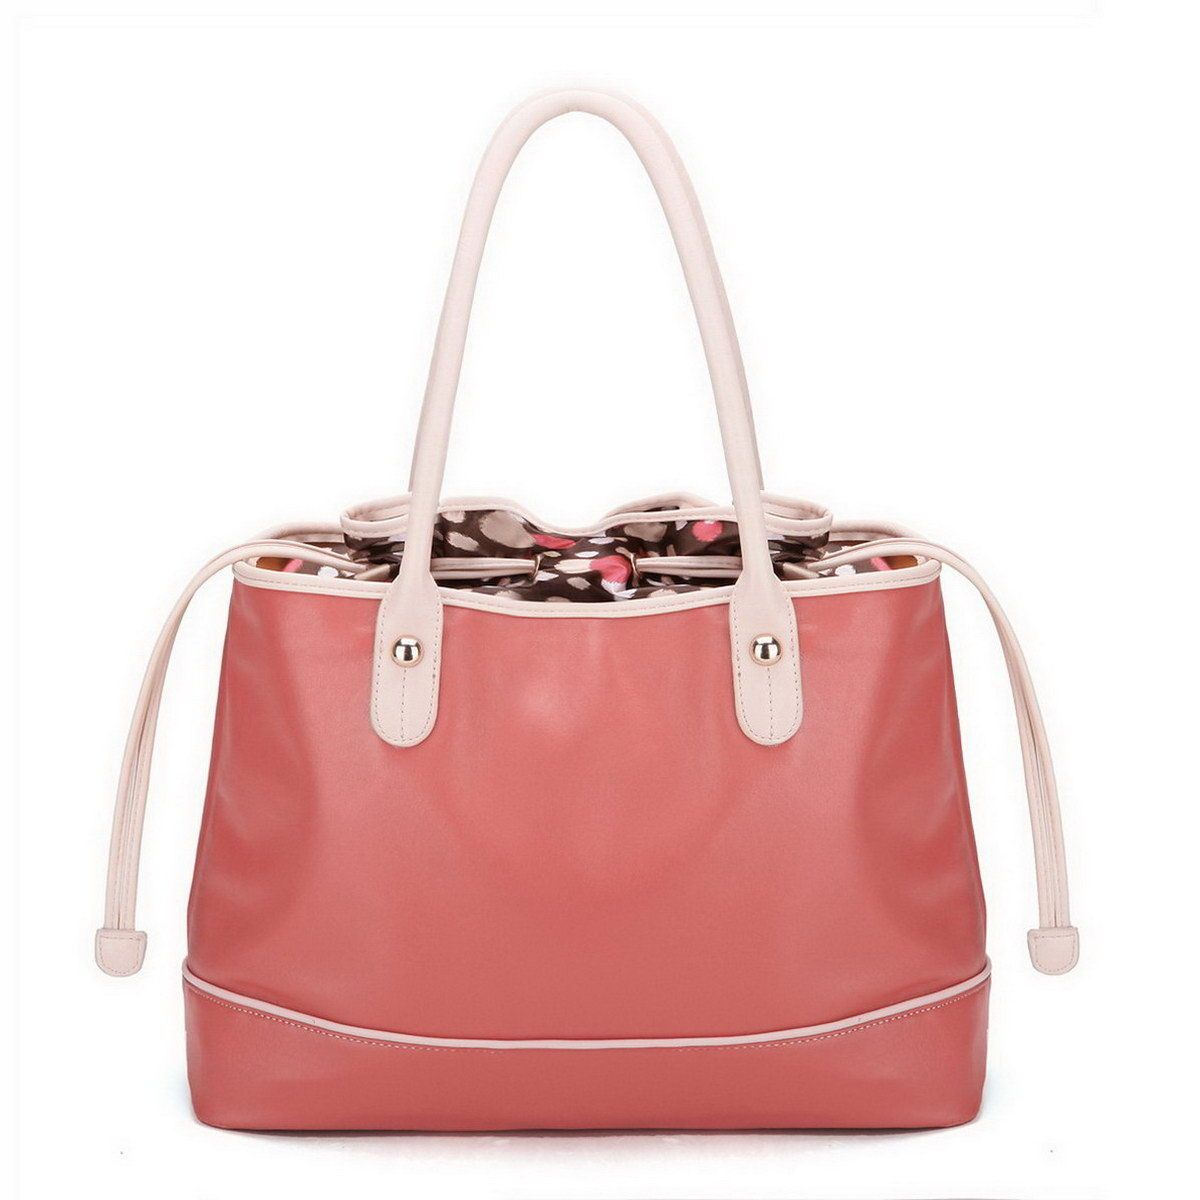 bb0e267894c0f Damentasche Beuteltasche Handtasche Tasche groß Kunst Leder Rosa günstig  kaufen ...